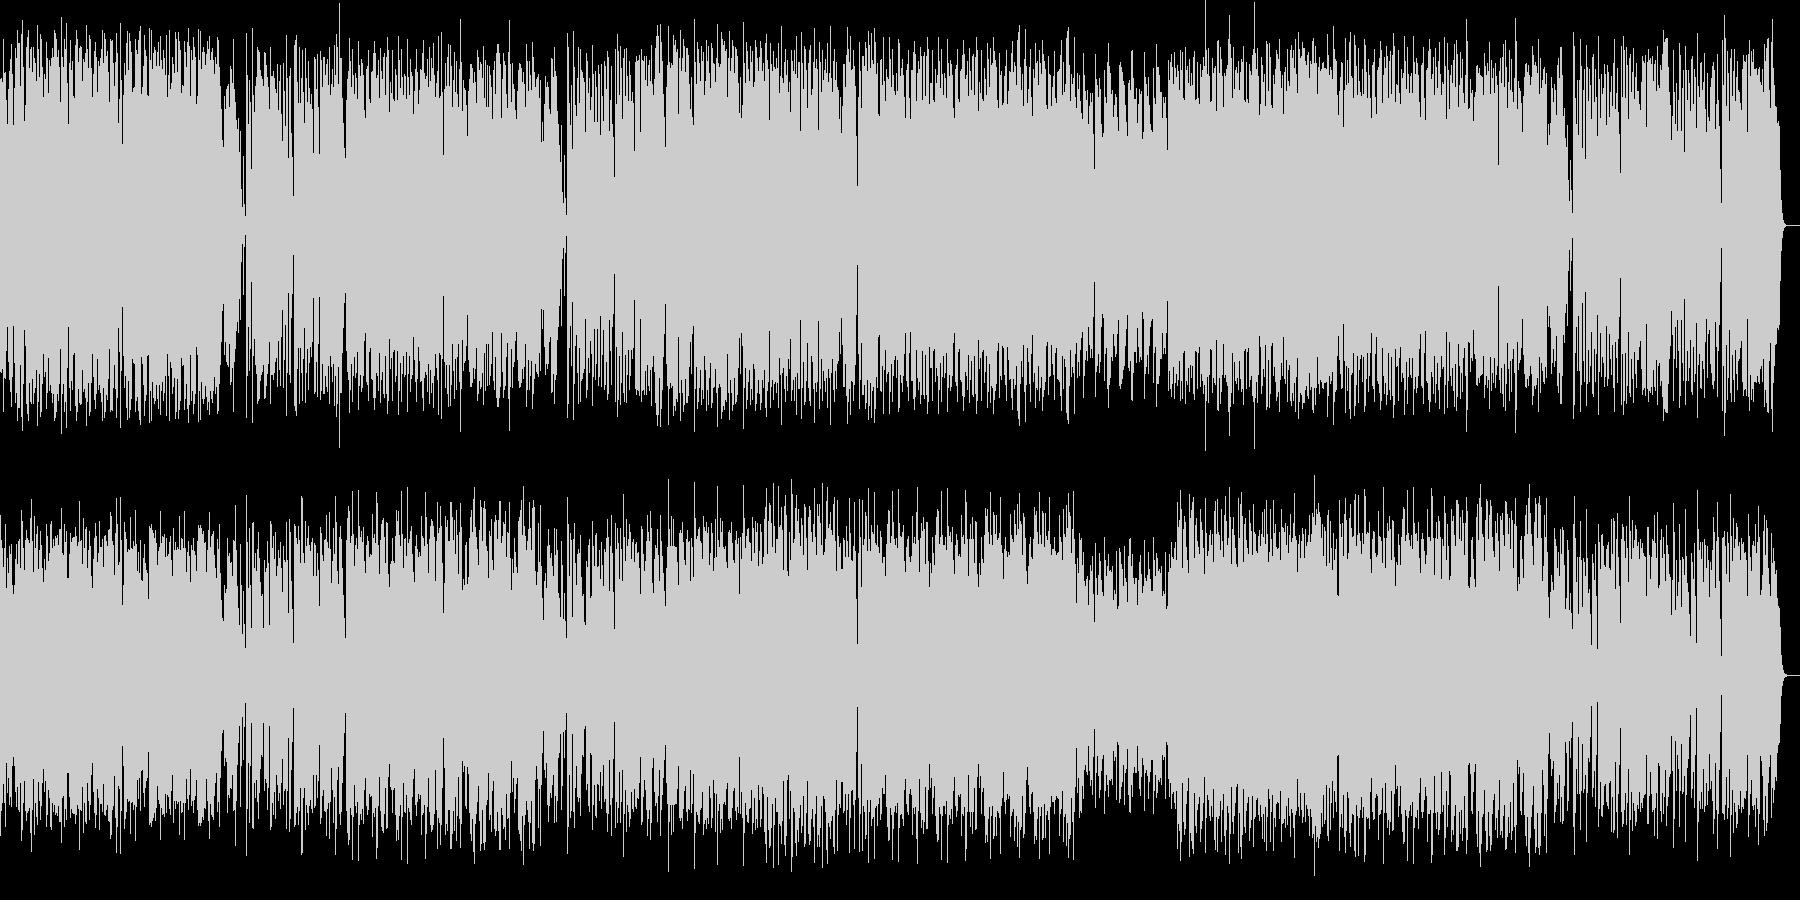 長調のラグタイムピアノ曲の未再生の波形